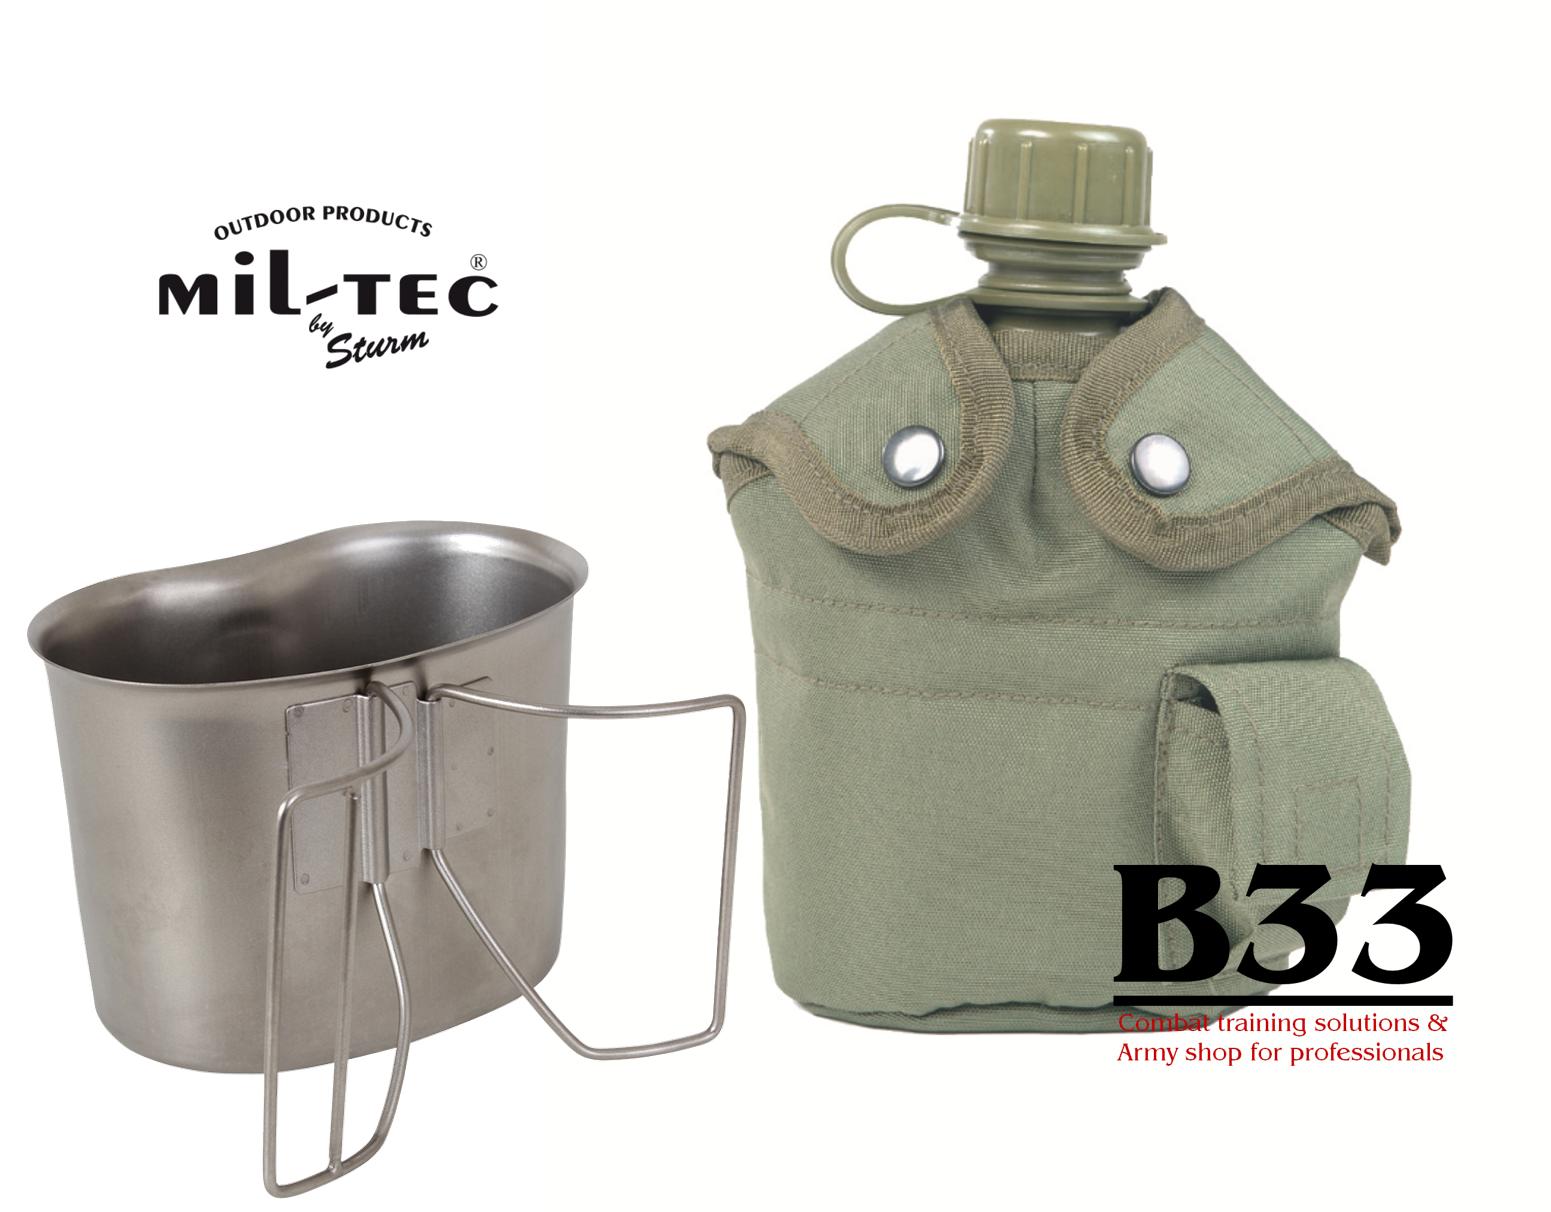 B33 army shop čutara za vodo z aluminijasto posodo za prekuhavanje